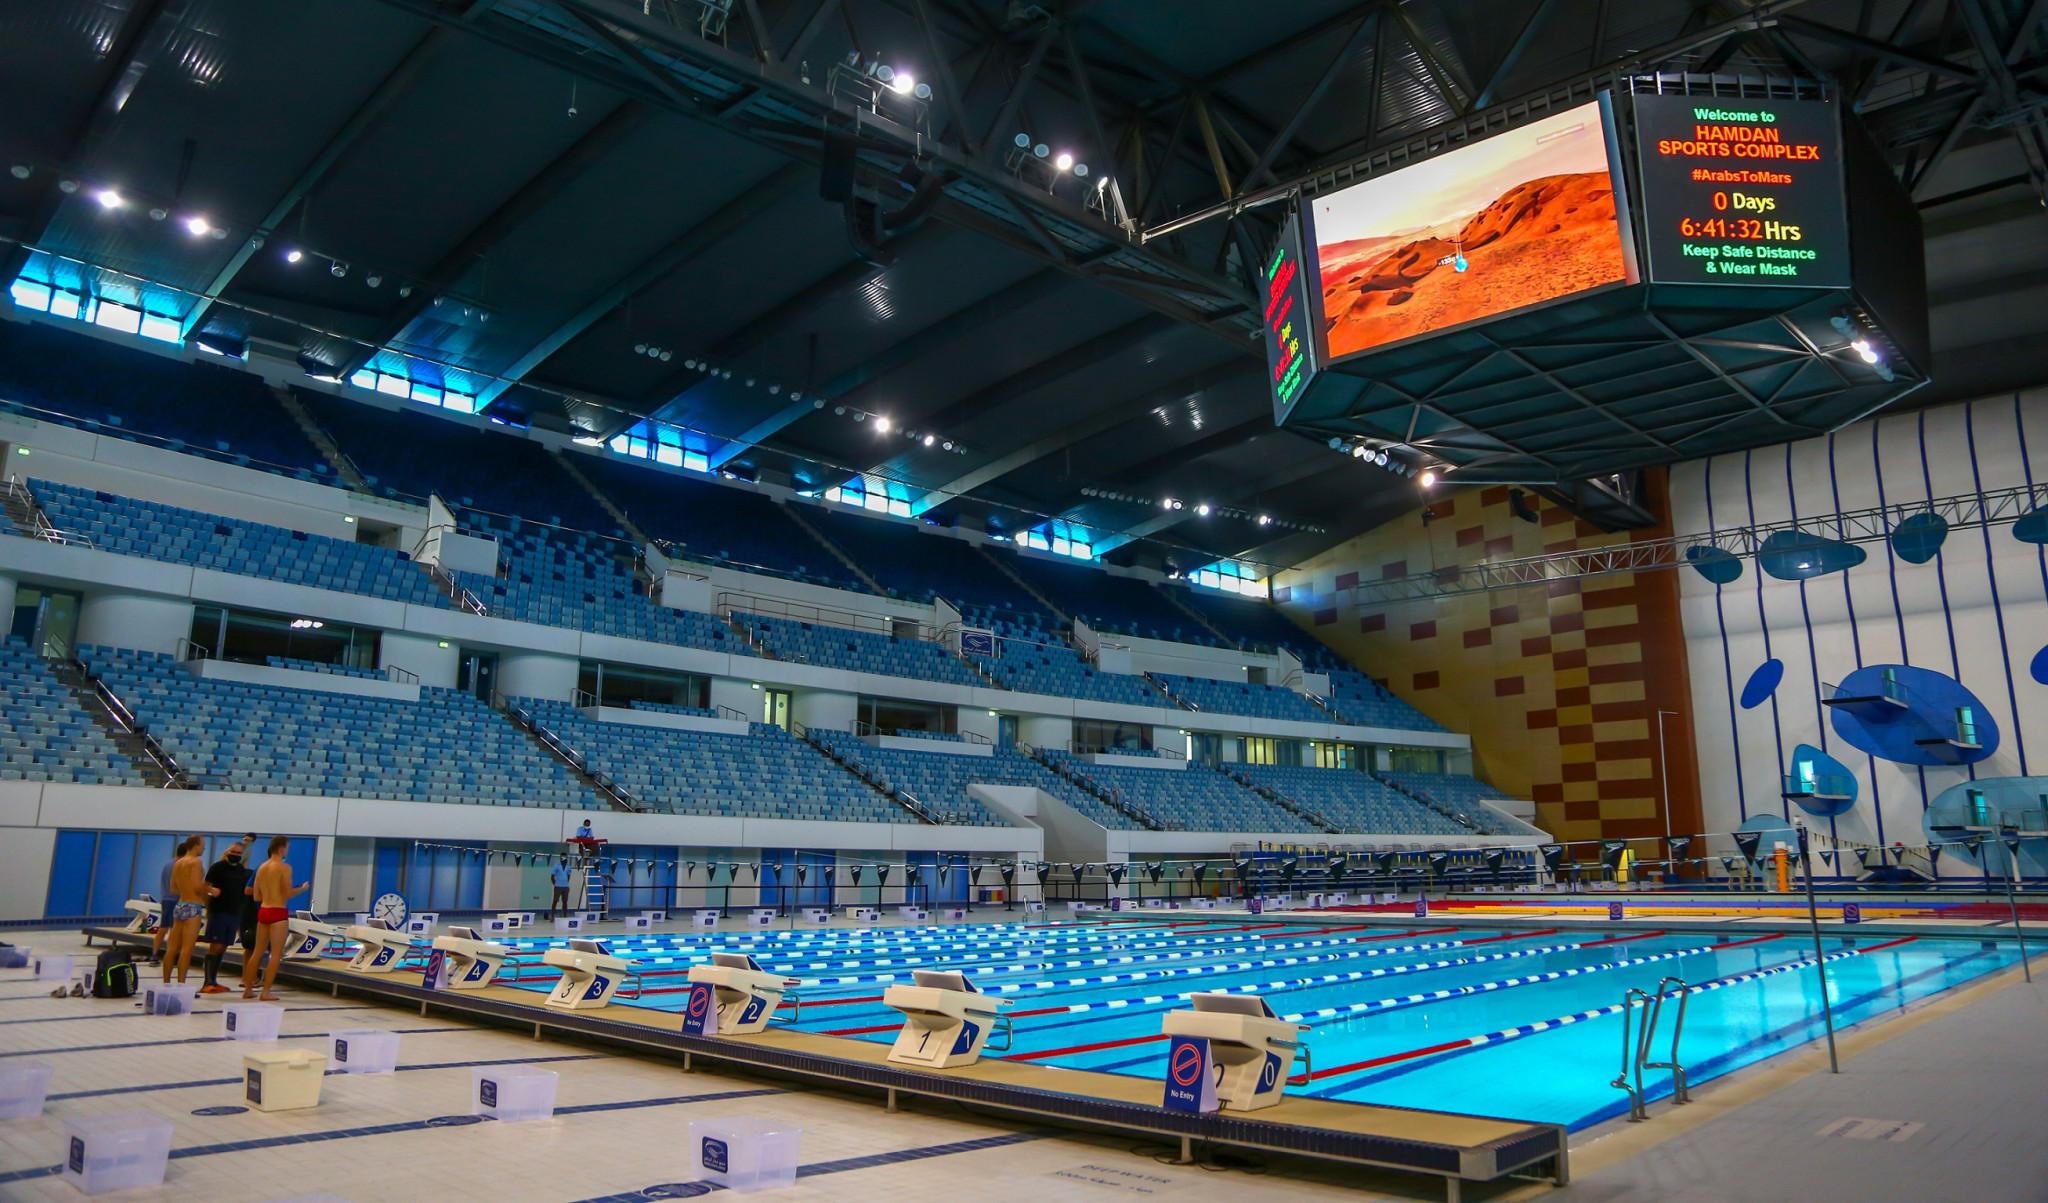 Sportovní komplex Hamdan je považován za jedno z největších multi-sportovních zařízení na světě © DSC